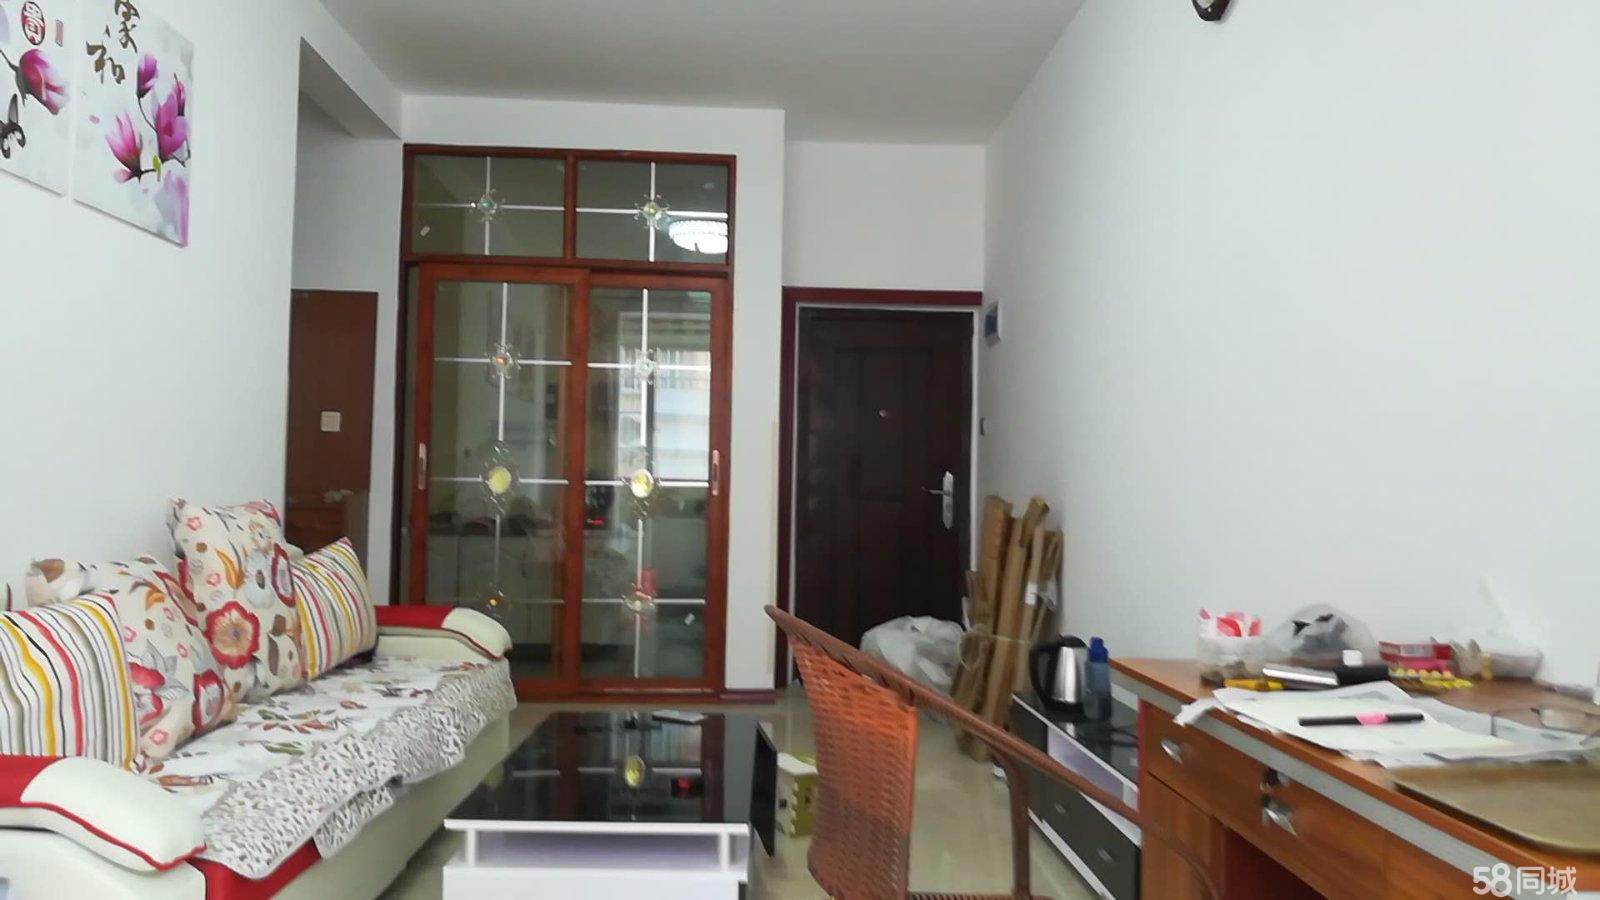 巴马寿乡大道文化街新隆小区1室1厅1卫52平米